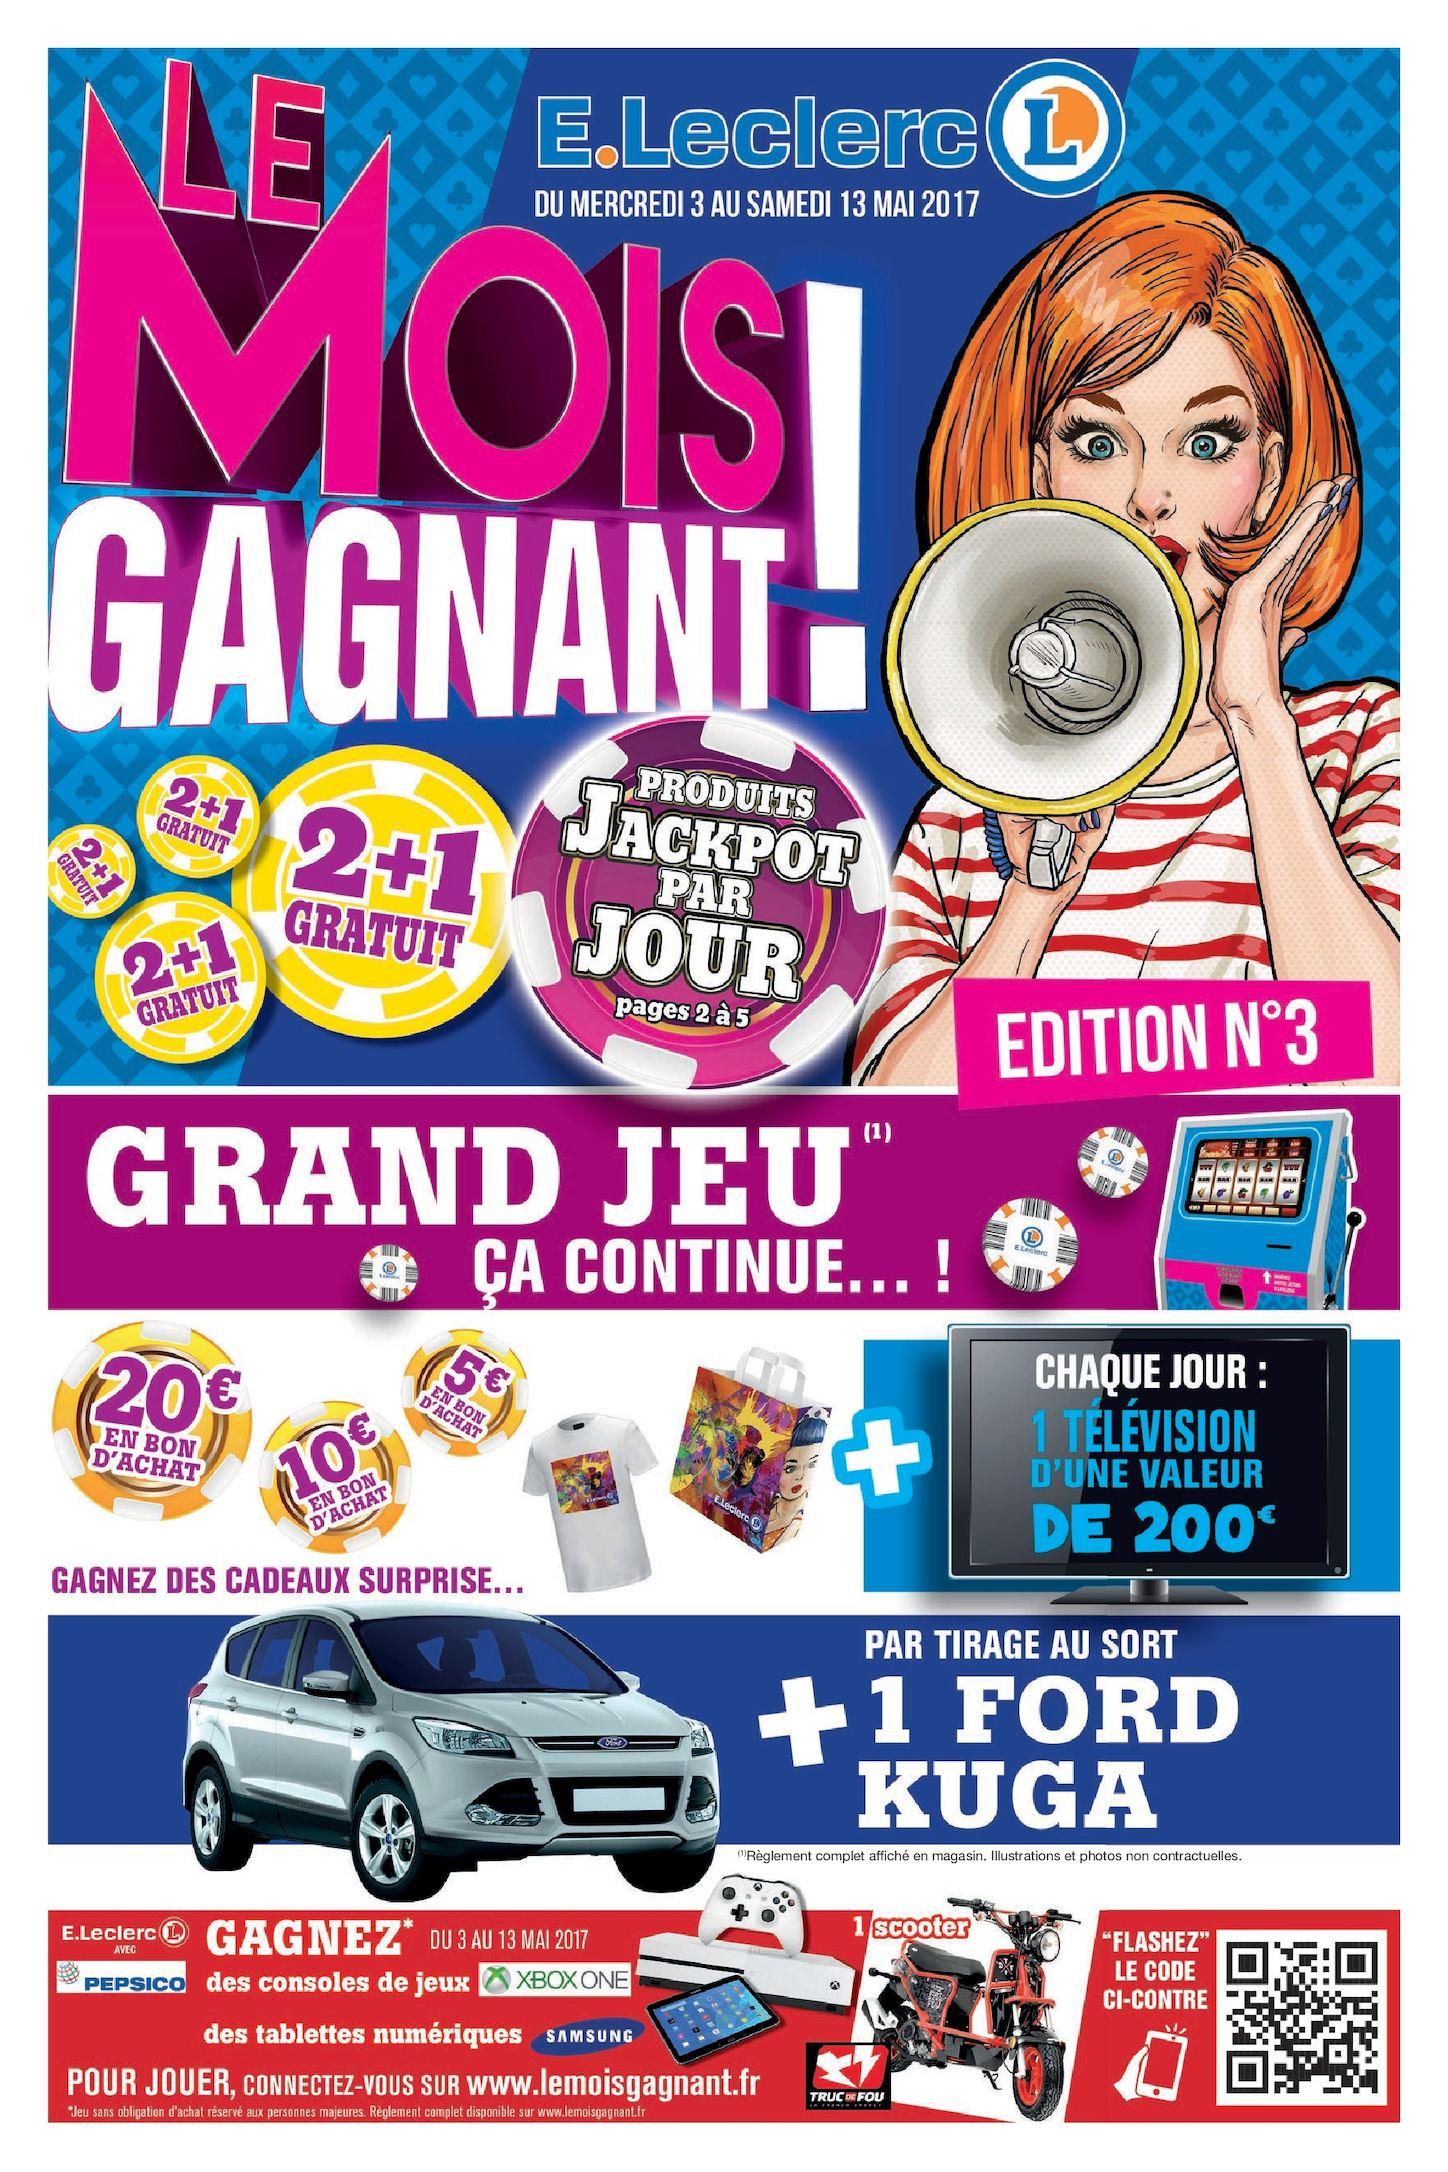 Calaméo Le Mois Gagnant édition 3 V2